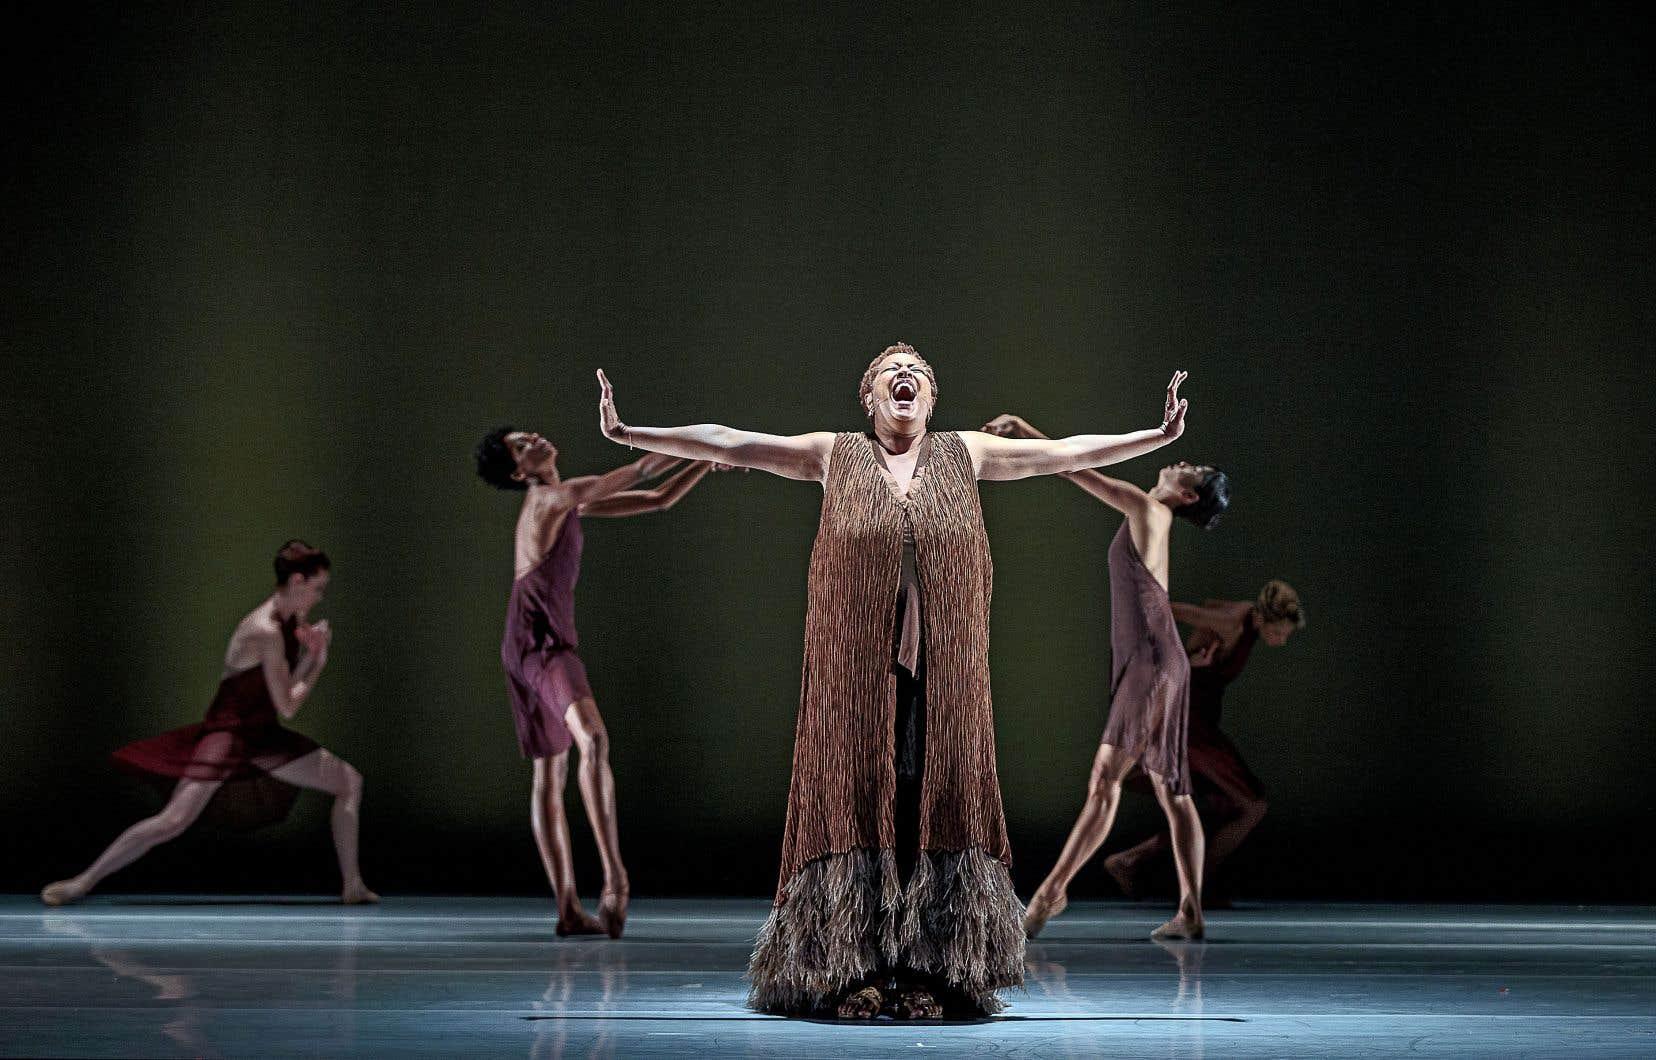 Aux côtés des danseurs sur la scène, la chanteuse Lisa Fischer dit ressentir une «profonde connexion entre le mouvement et le son».